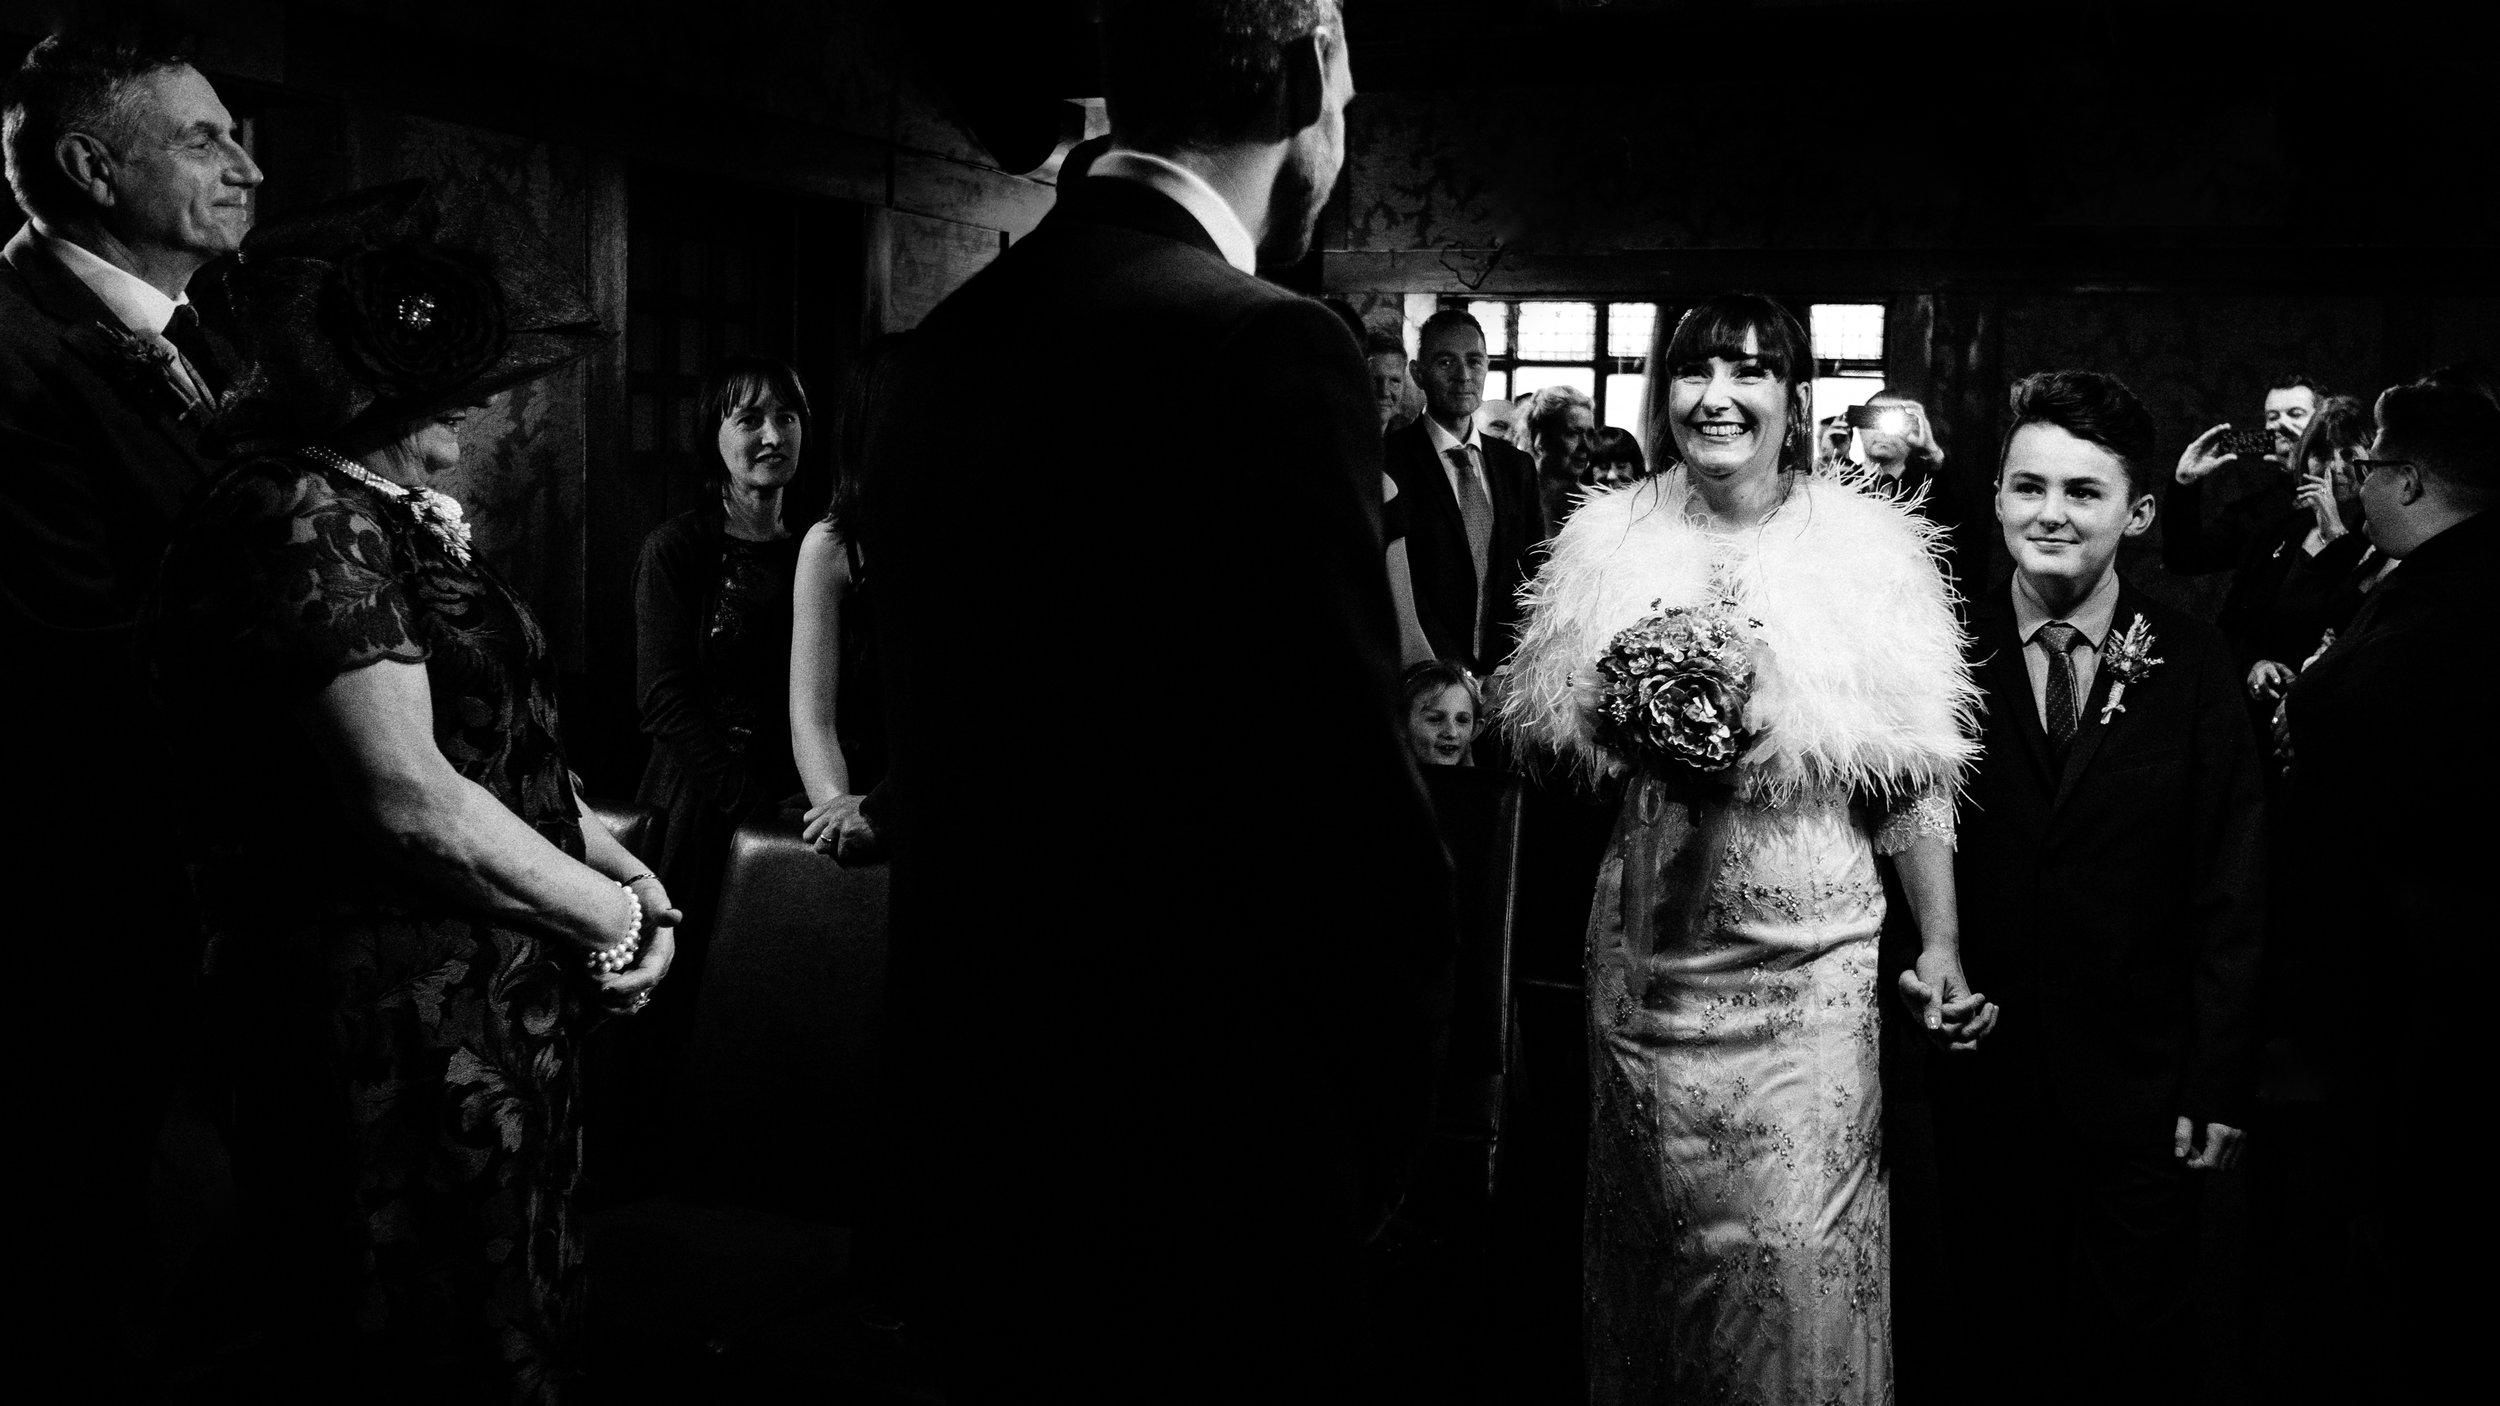 Wedding-photographer-belle-epoque-knutsford-cheshire-0001.jpg